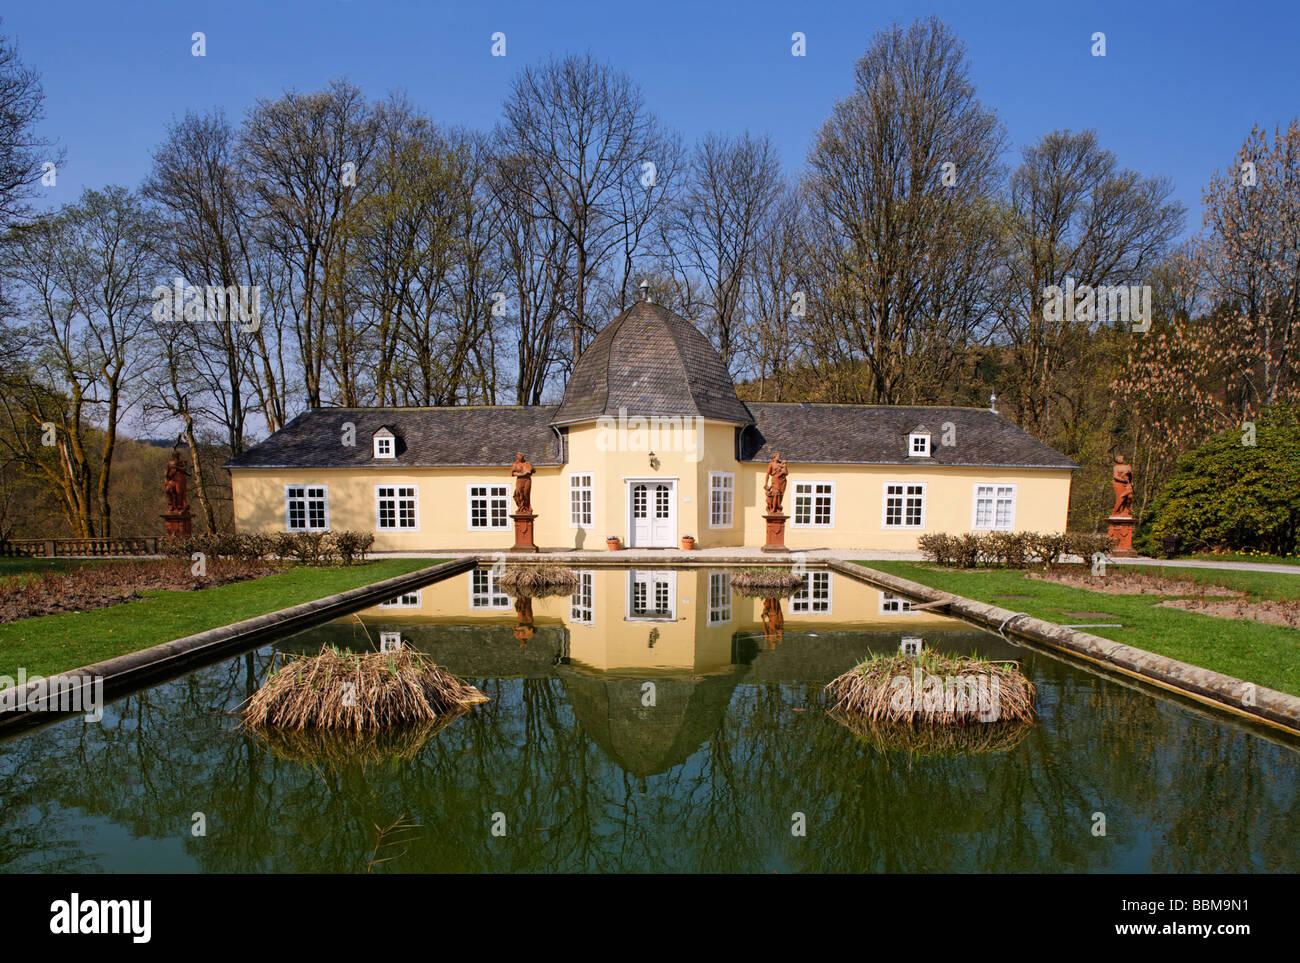 Orangery, civil registry, palace garden, statues, pond, Berleburg Castle, Bad Berleburg, district of Siegen-Wittgenstein, - Stock Image